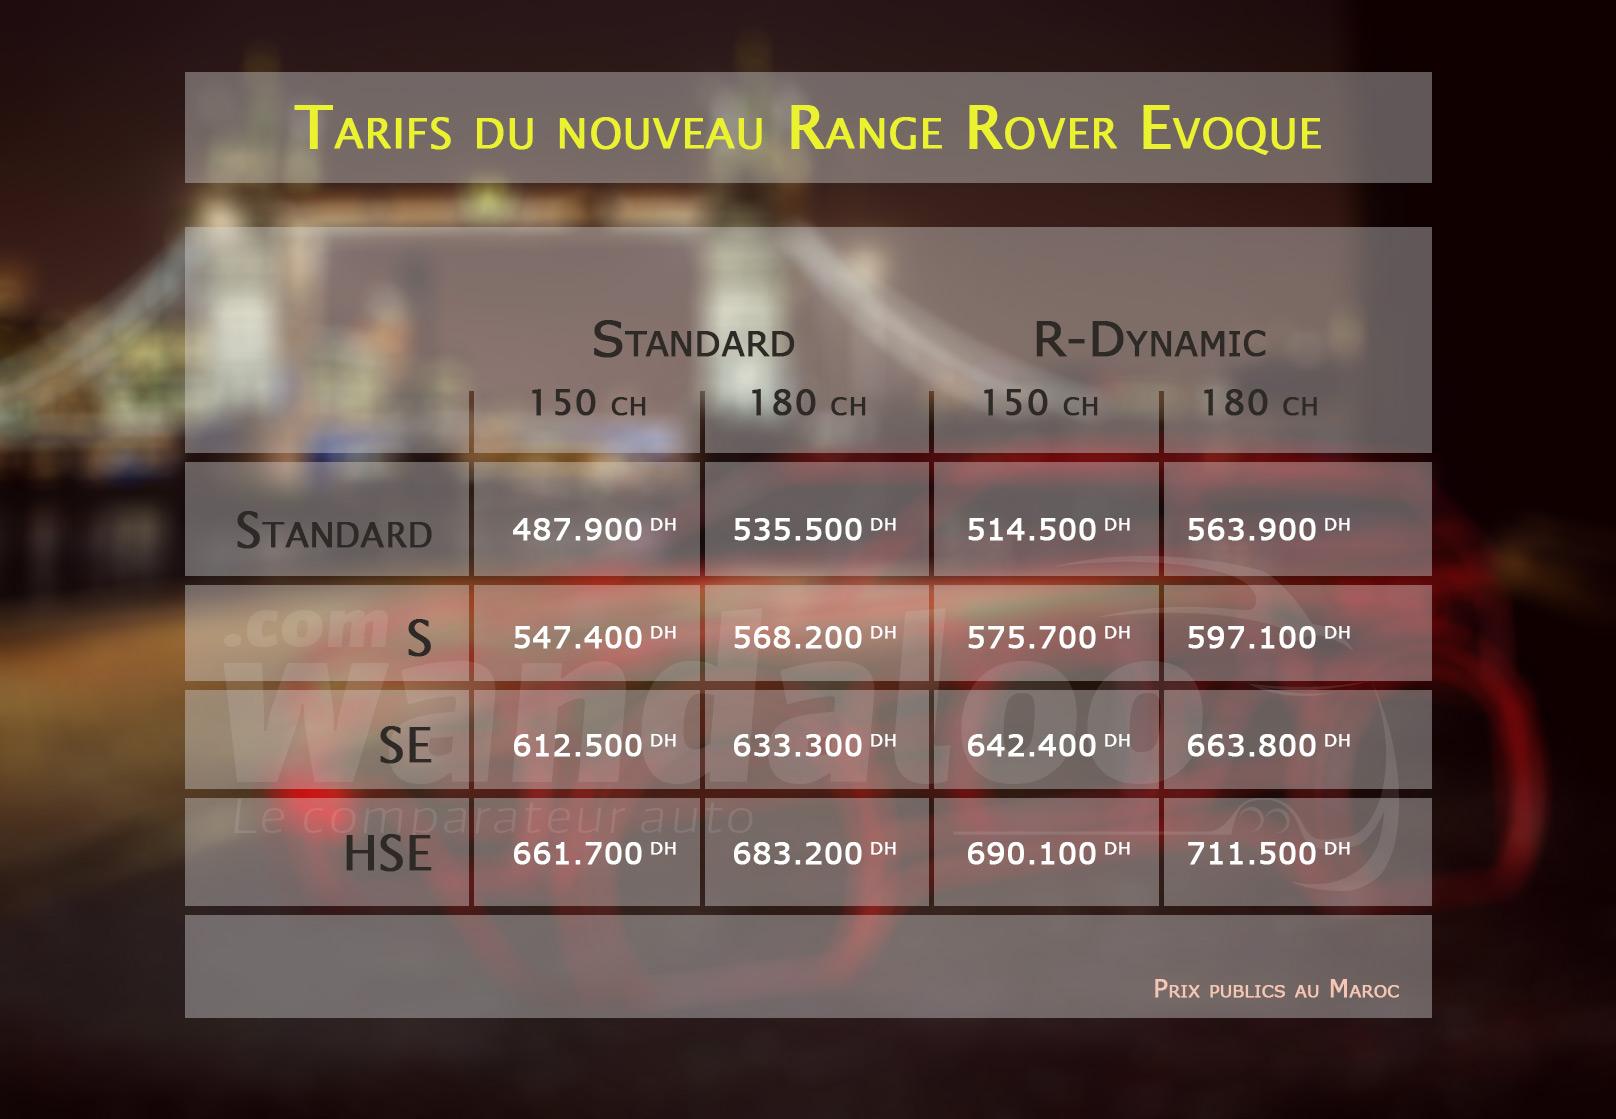 Tarifs du nouveau Range Rover Evoque au Maroc